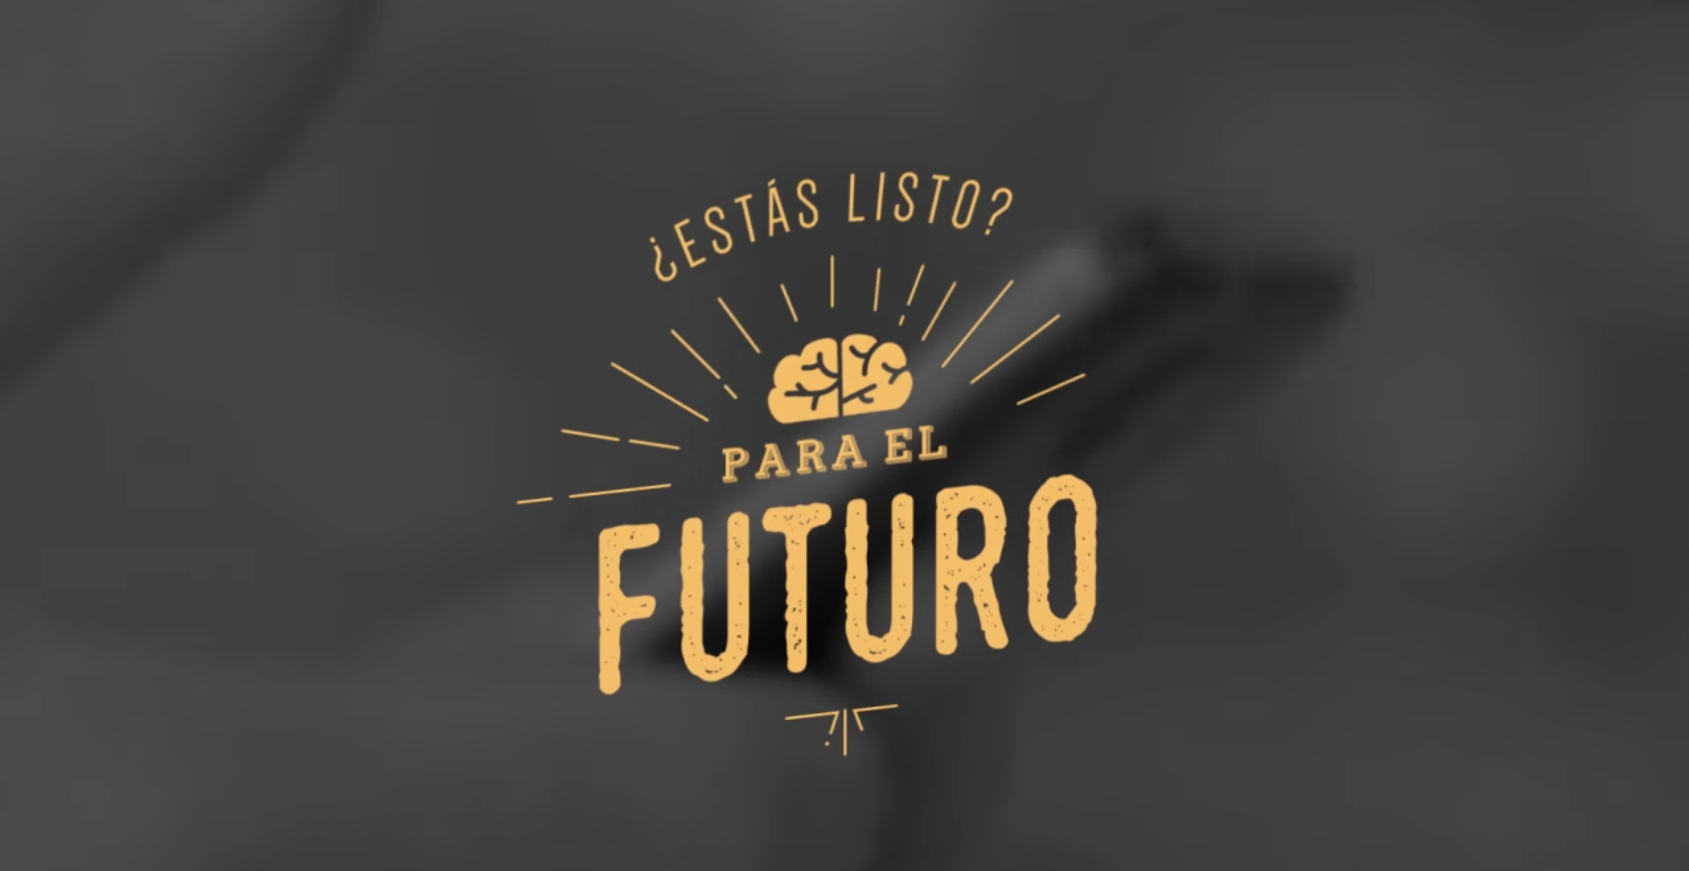 h_estas_listo_para_el_futuro copia.png